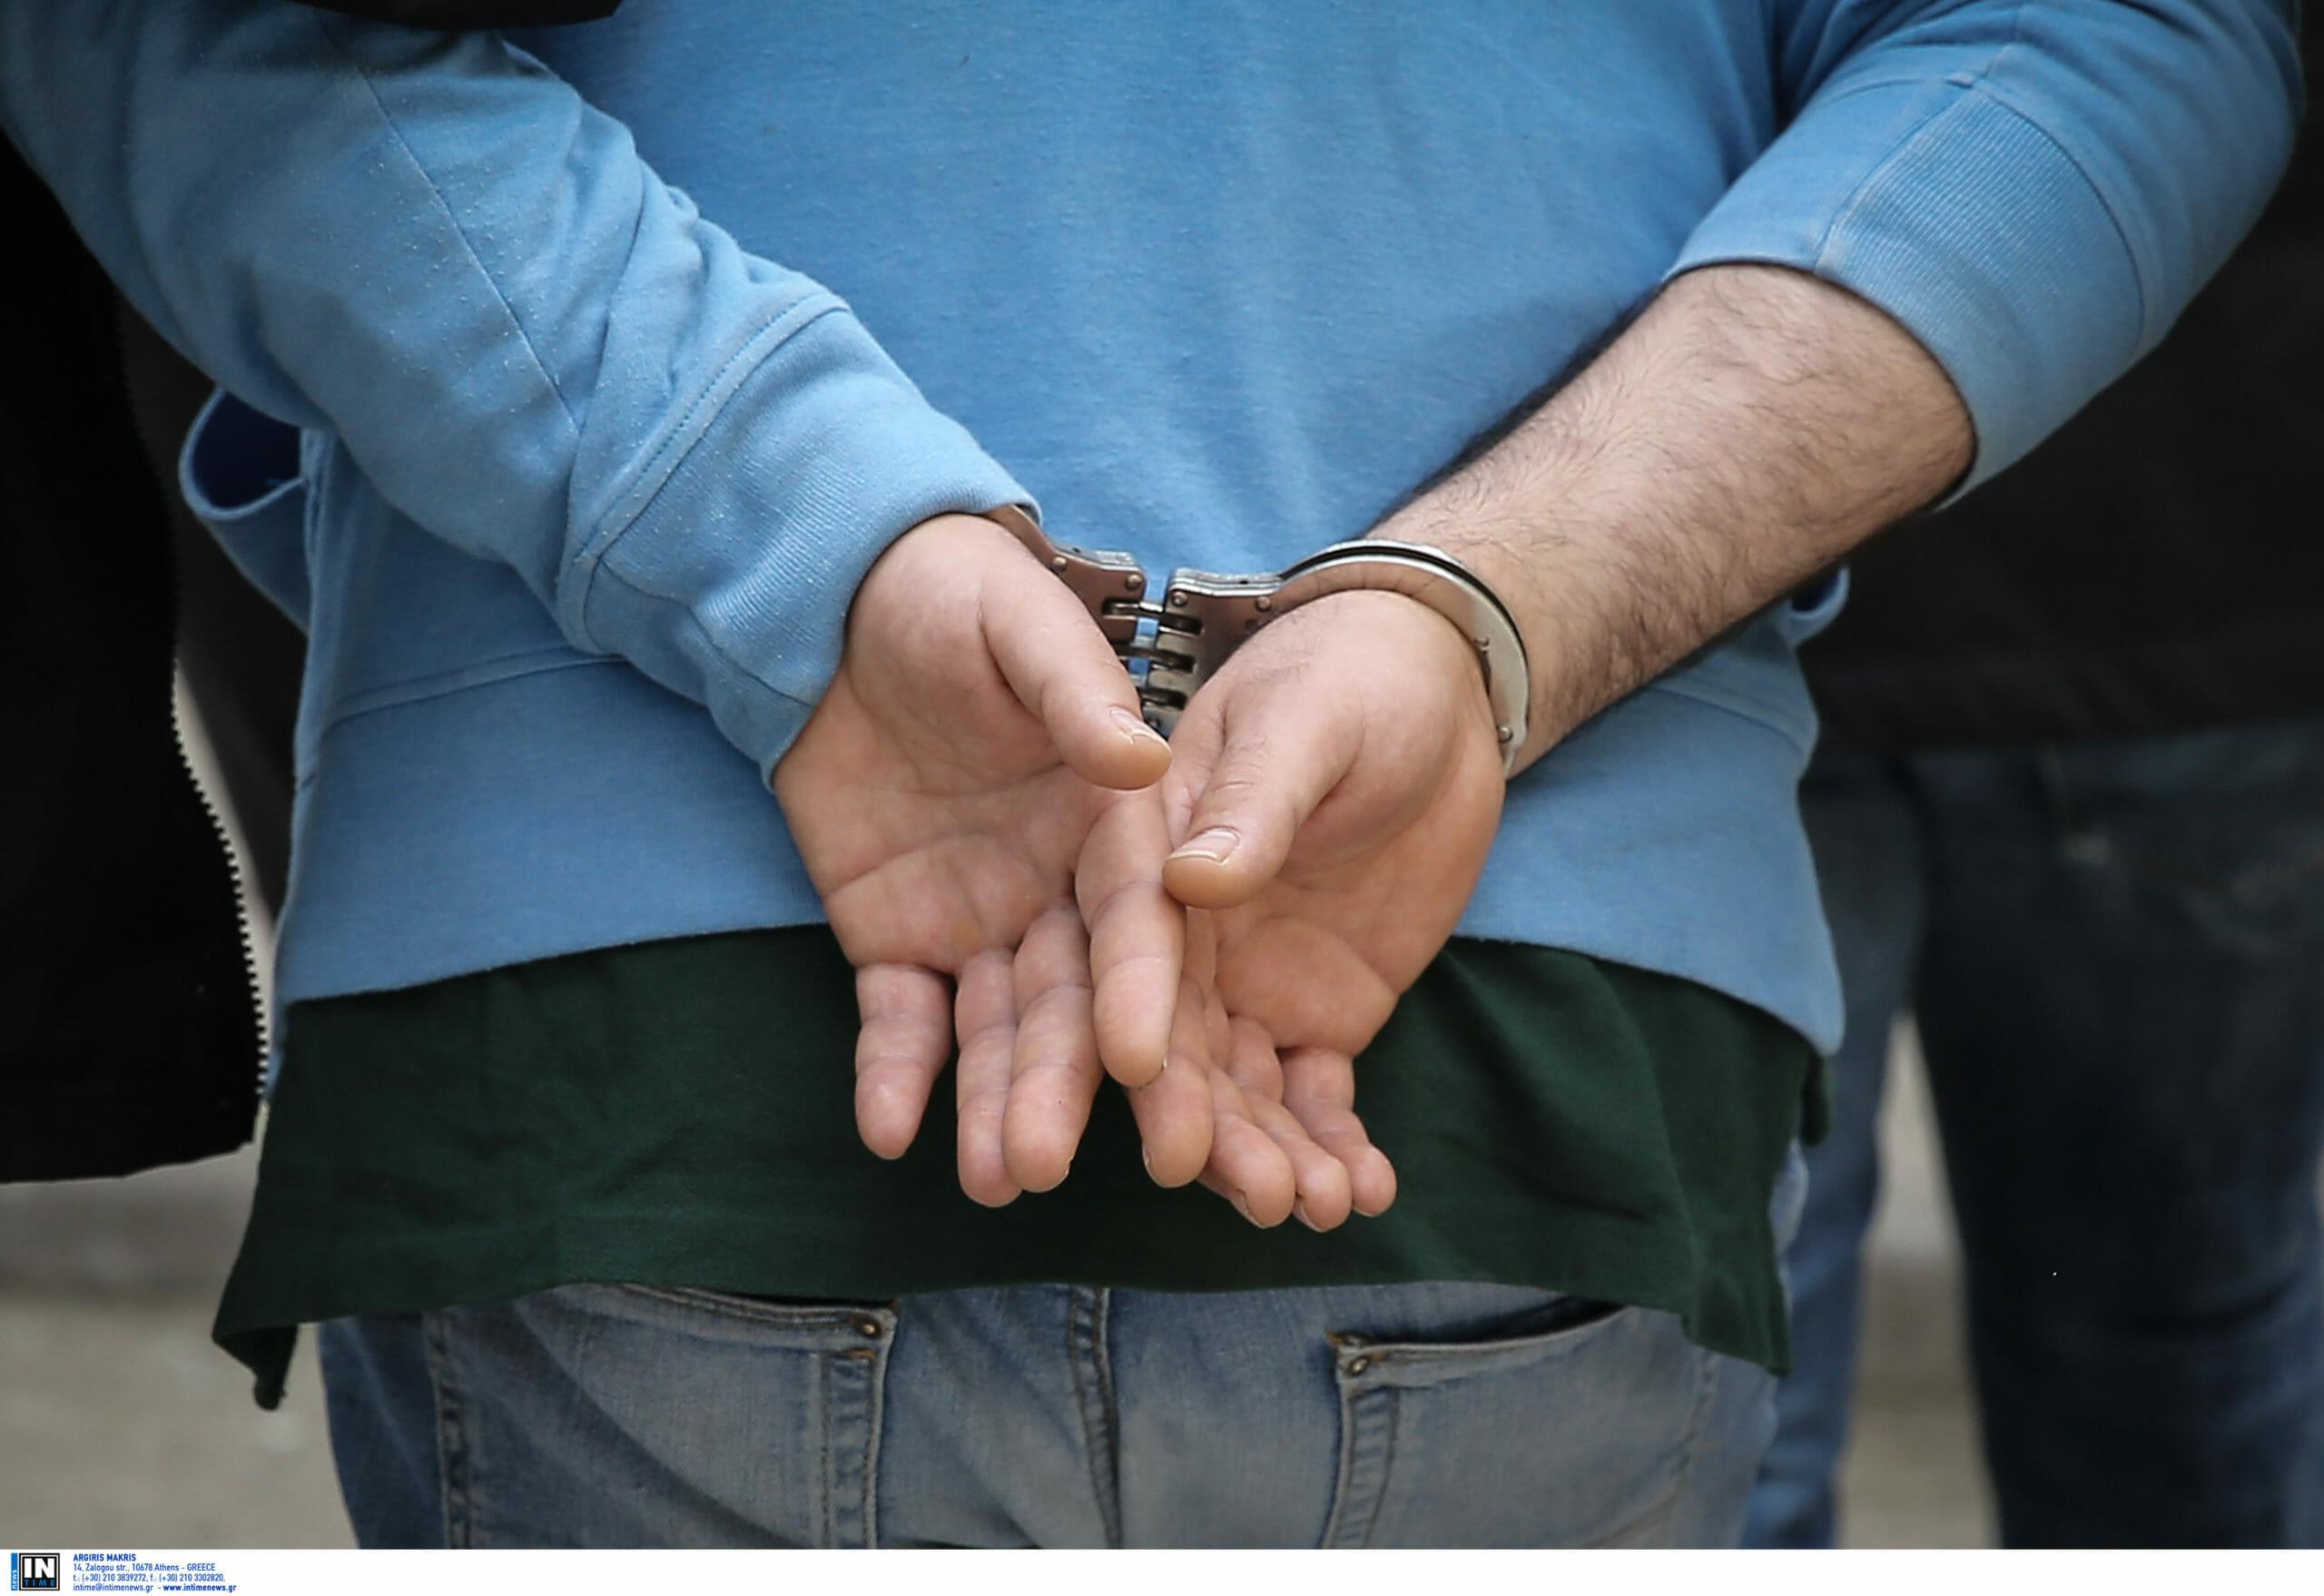 Ζάκυνθος: Άνοιξαν το αυτοκίνητο, βούτηξαν το τσαντάκι αλλά η συνέχεια έκρυβε δυσάρεστες εκπλήξεις για τους δράστες!